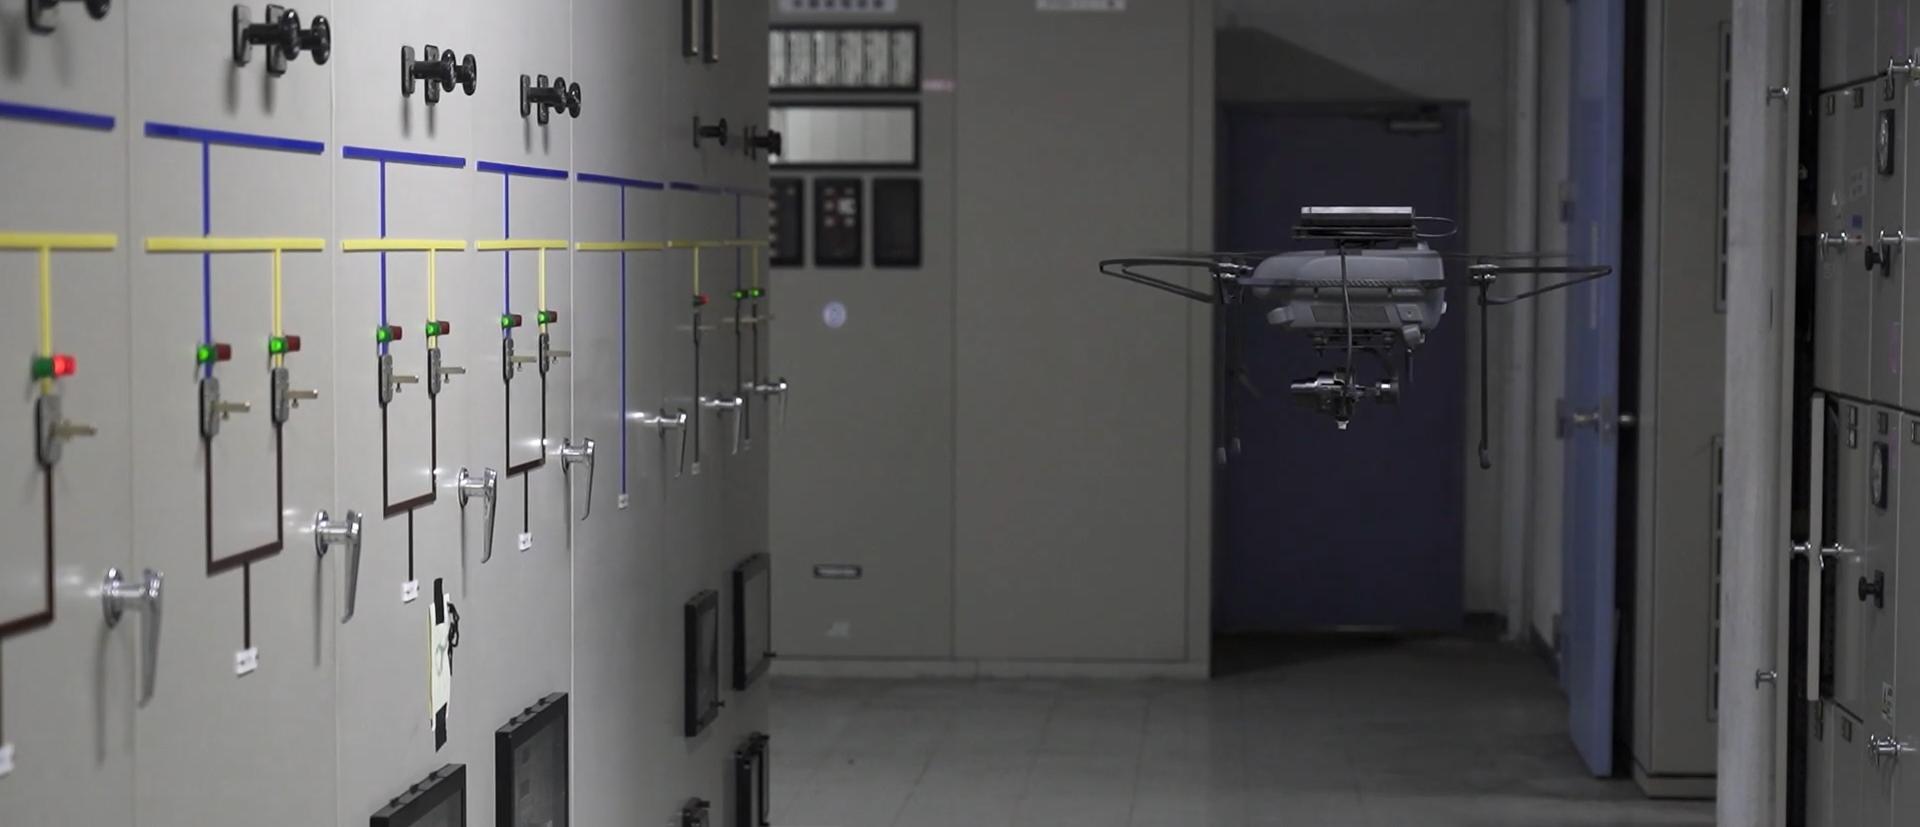 5G通信/エッジAI解析 ドローンによる自動点検ソリューション